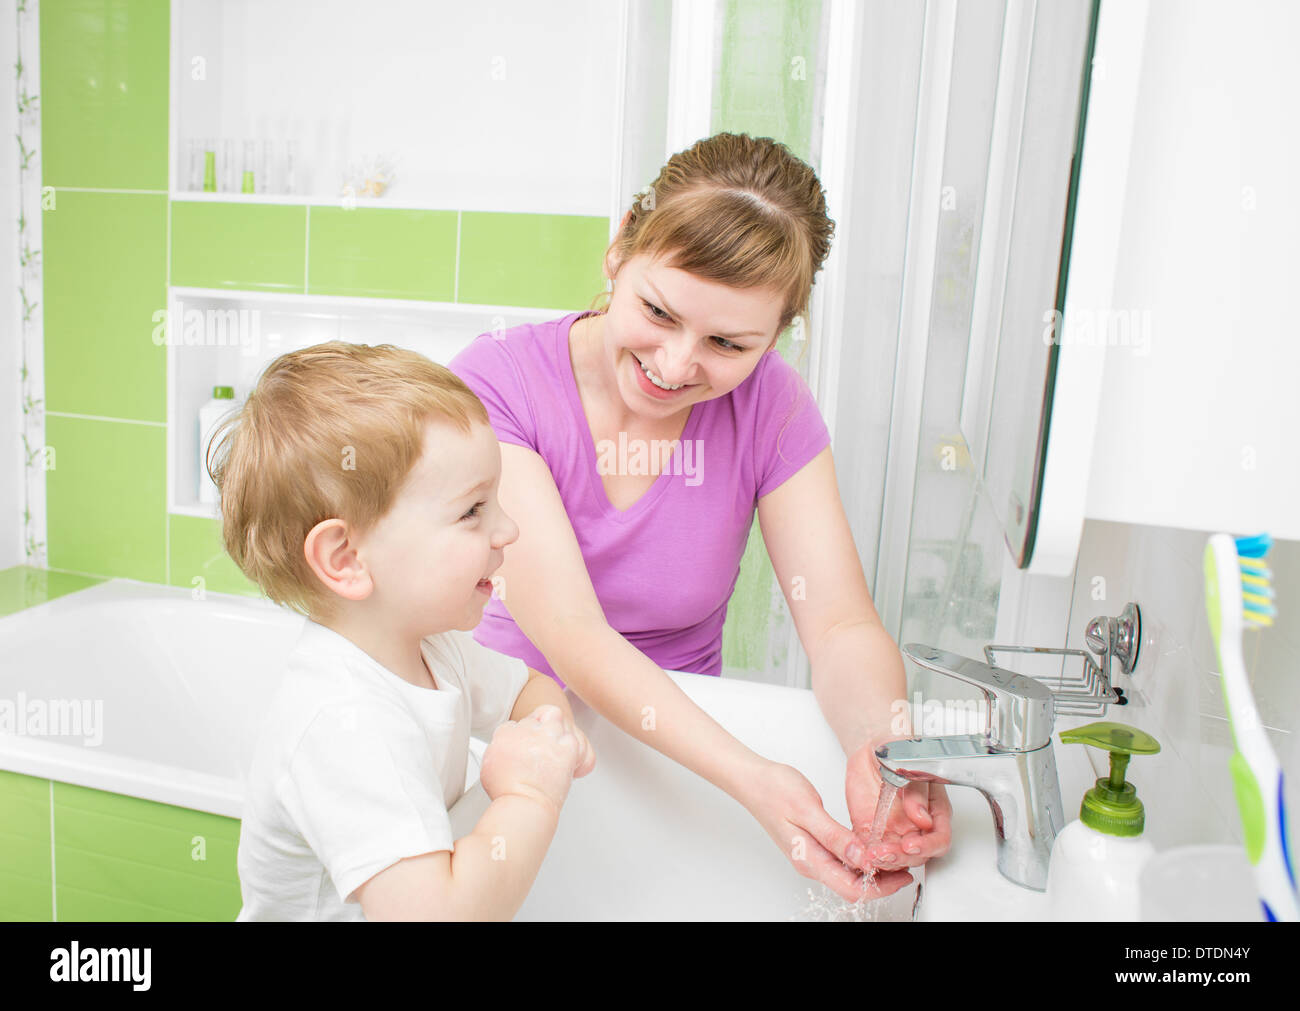 Heureuse fête et se laver les mains avec du savon pour enfants ensemble dans la salle de bains Photo Stock